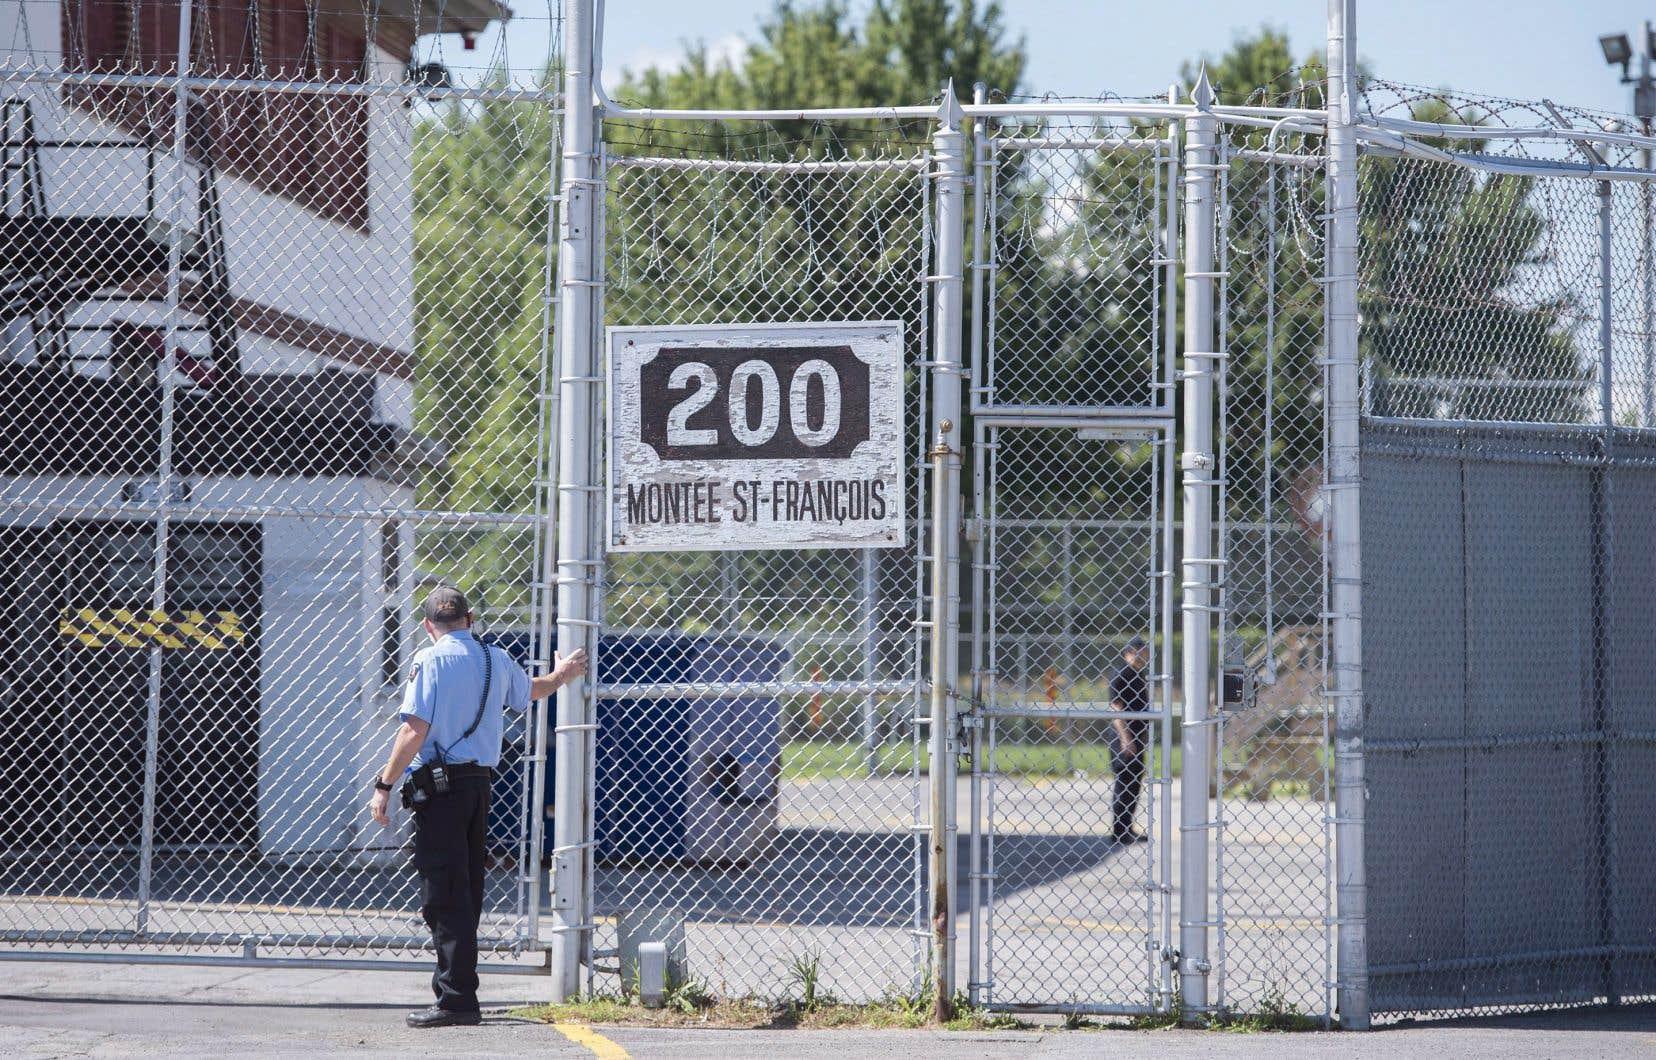 L'homme est détenu à Laval depuis le 26 juillet, les autorités craignant sa fuite.